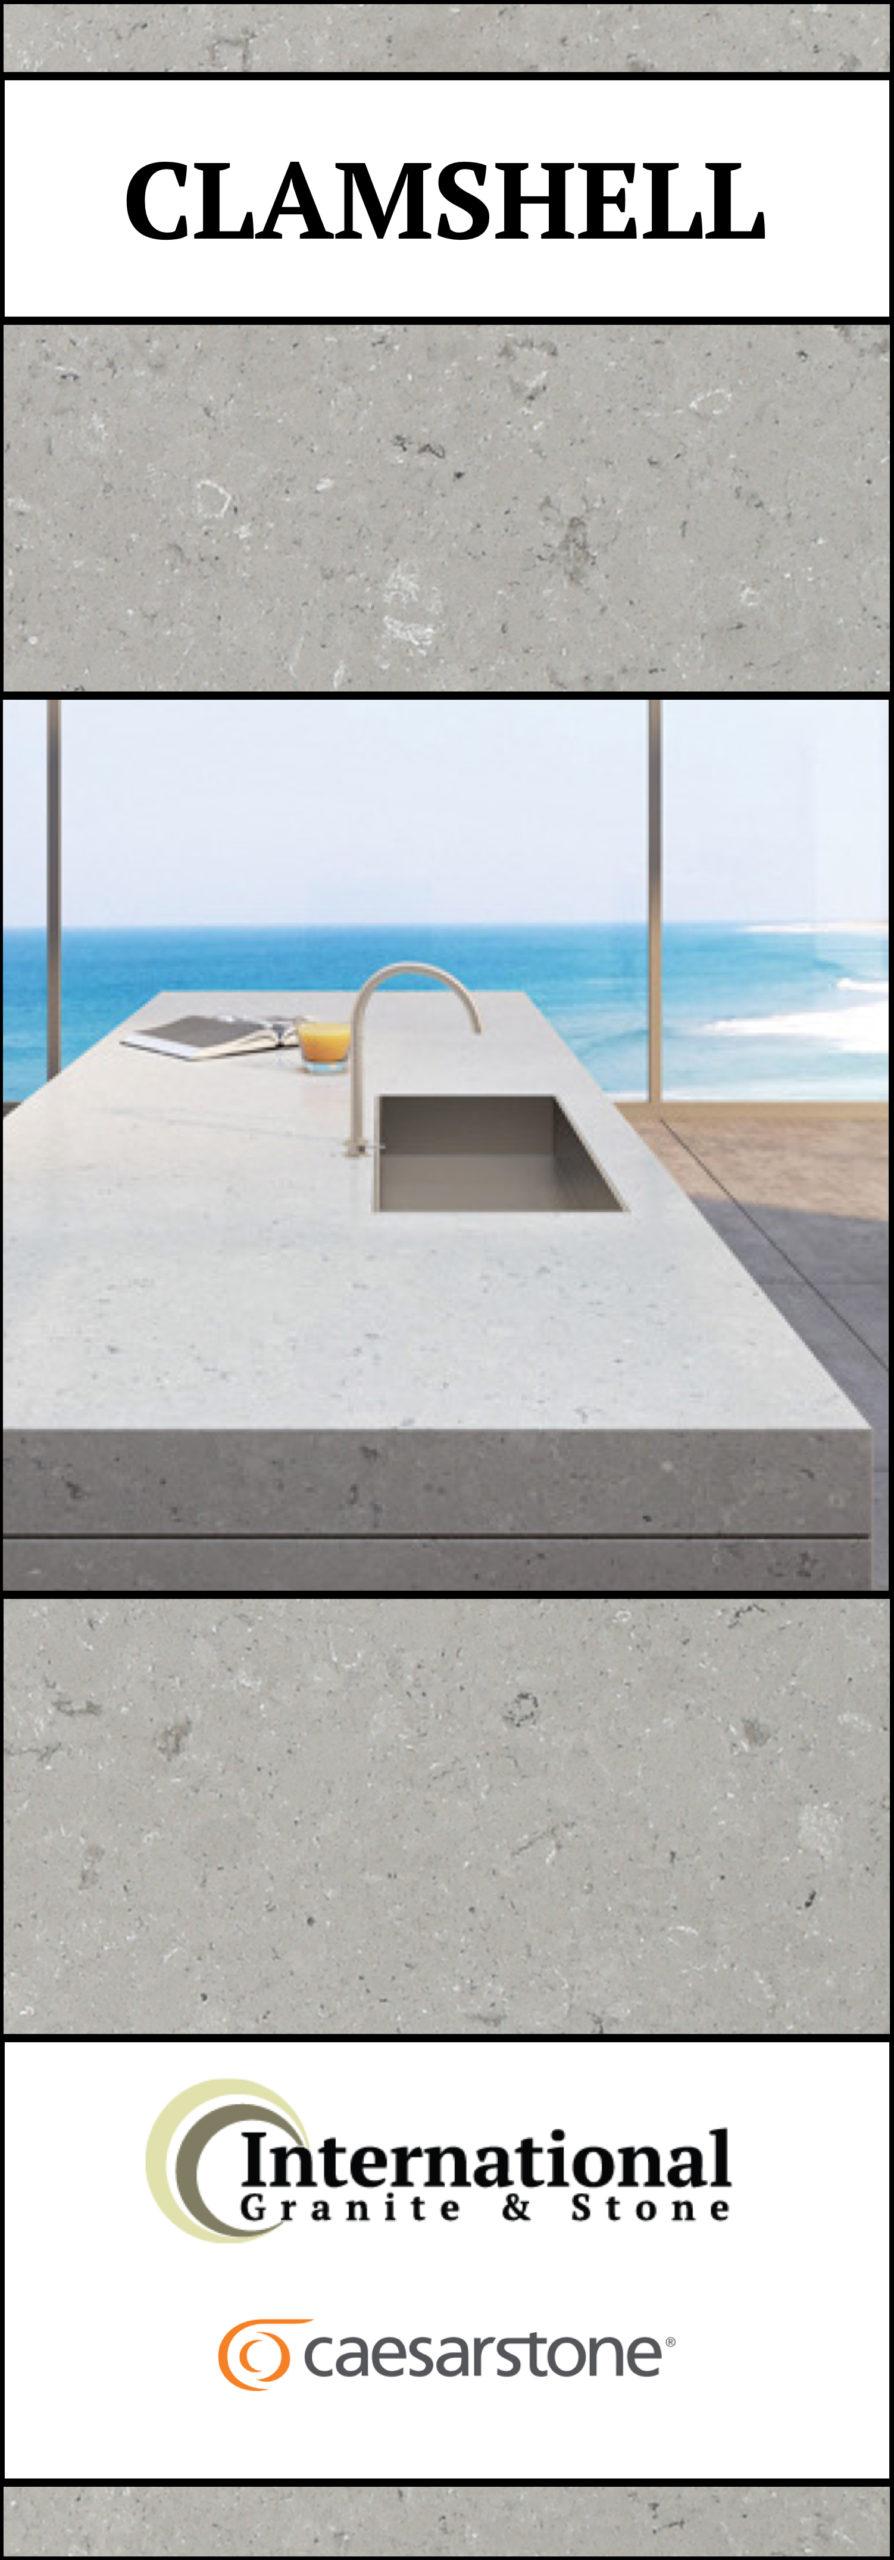 Clamshell Caesarstone Quartz Full Slab Pinterest